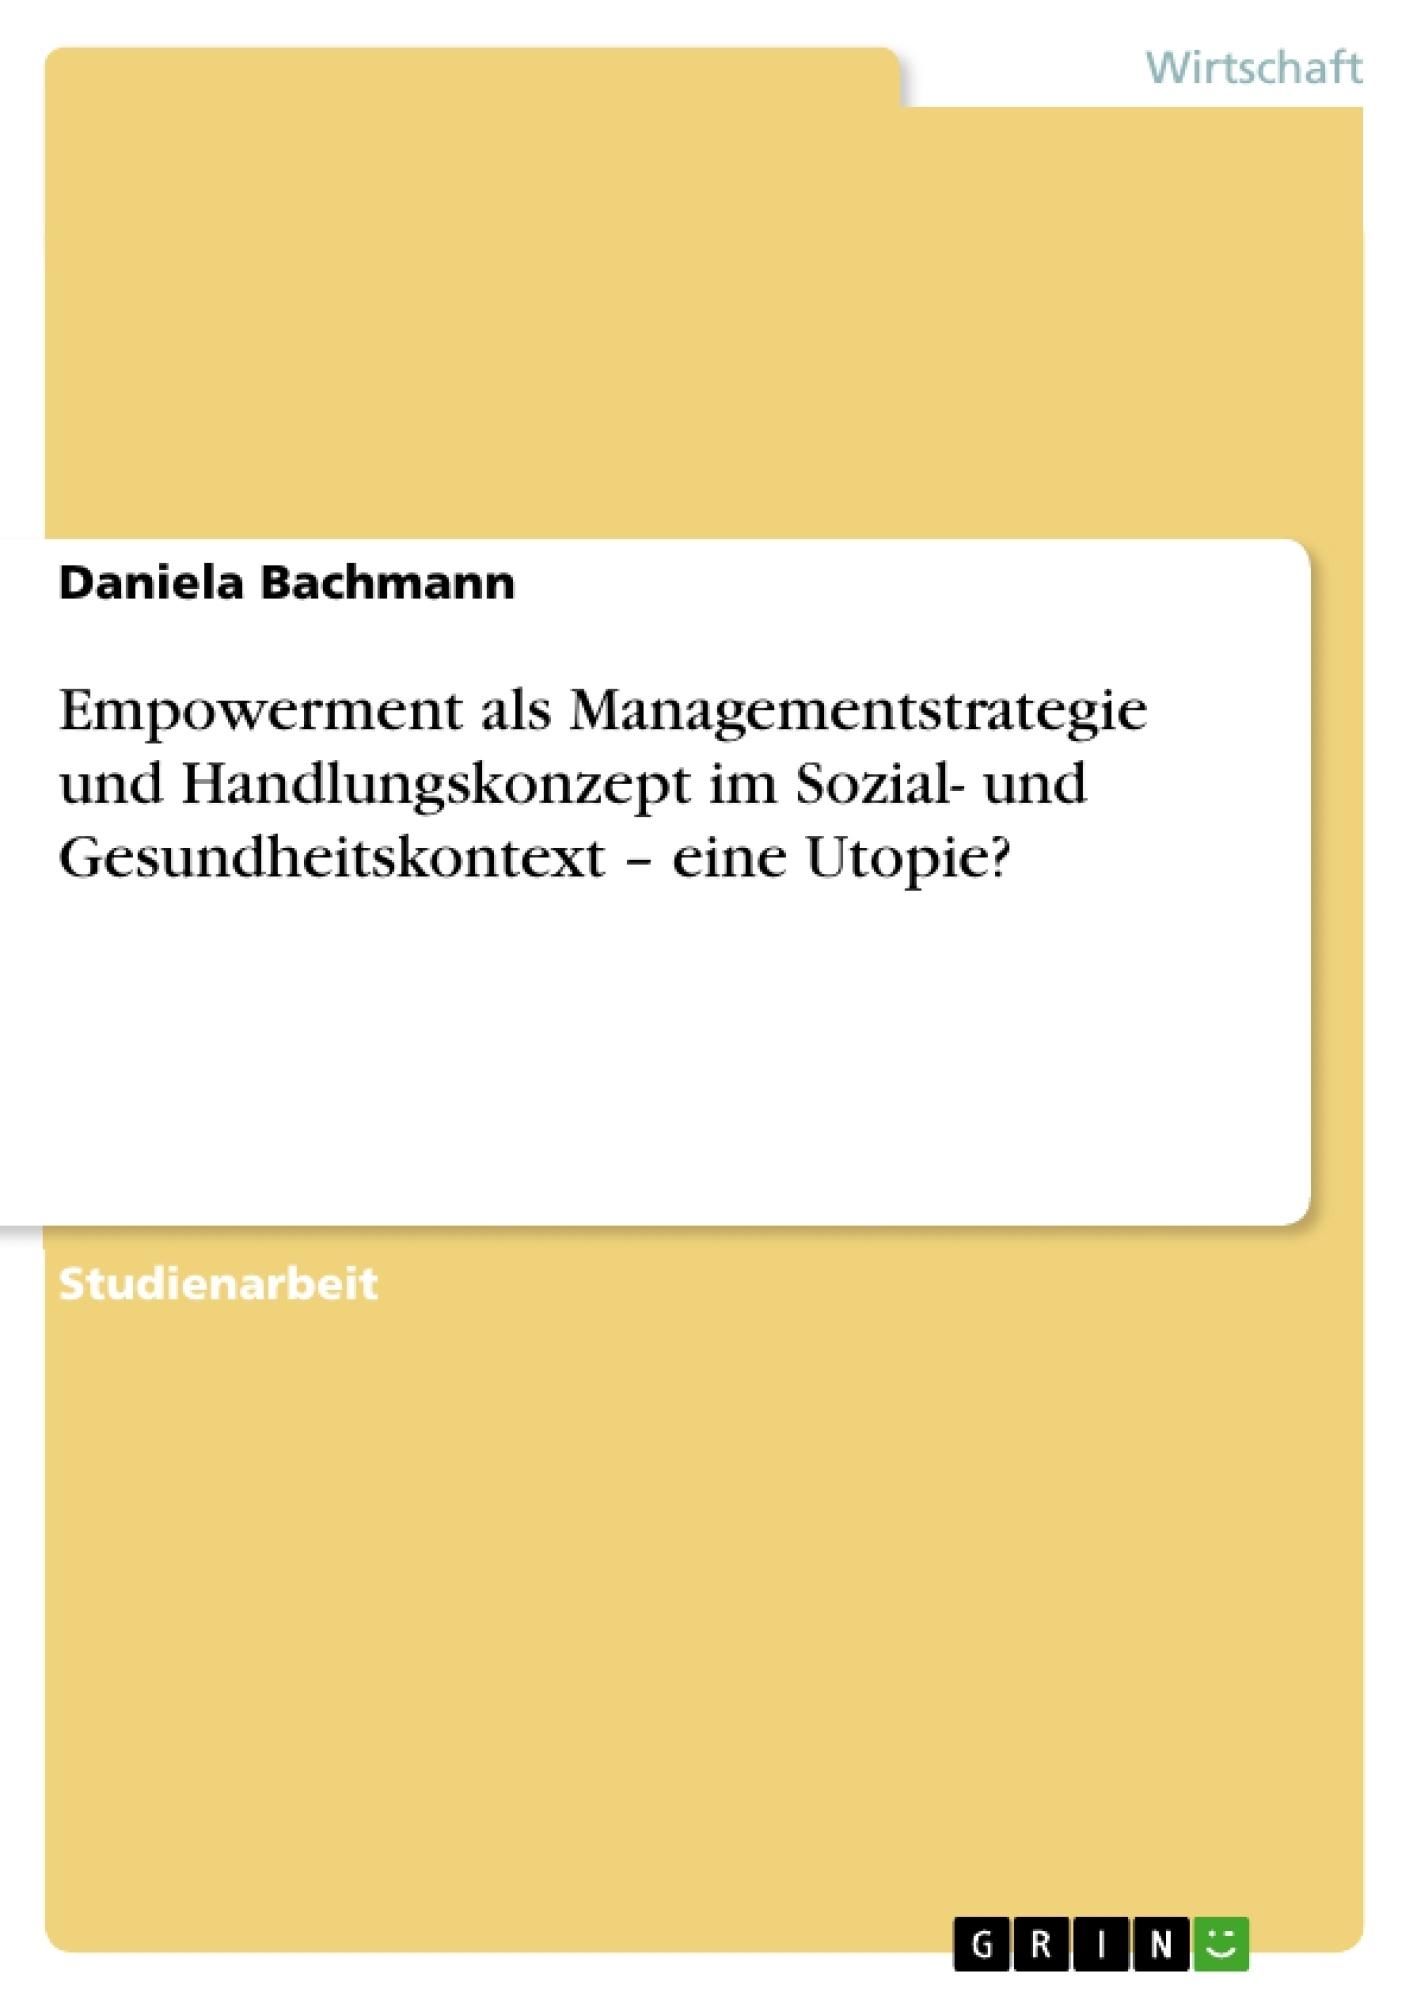 Titel: Empowerment als Managementstrategie und Handlungskonzept im Sozial- und Gesundheitskontext – eine Utopie?